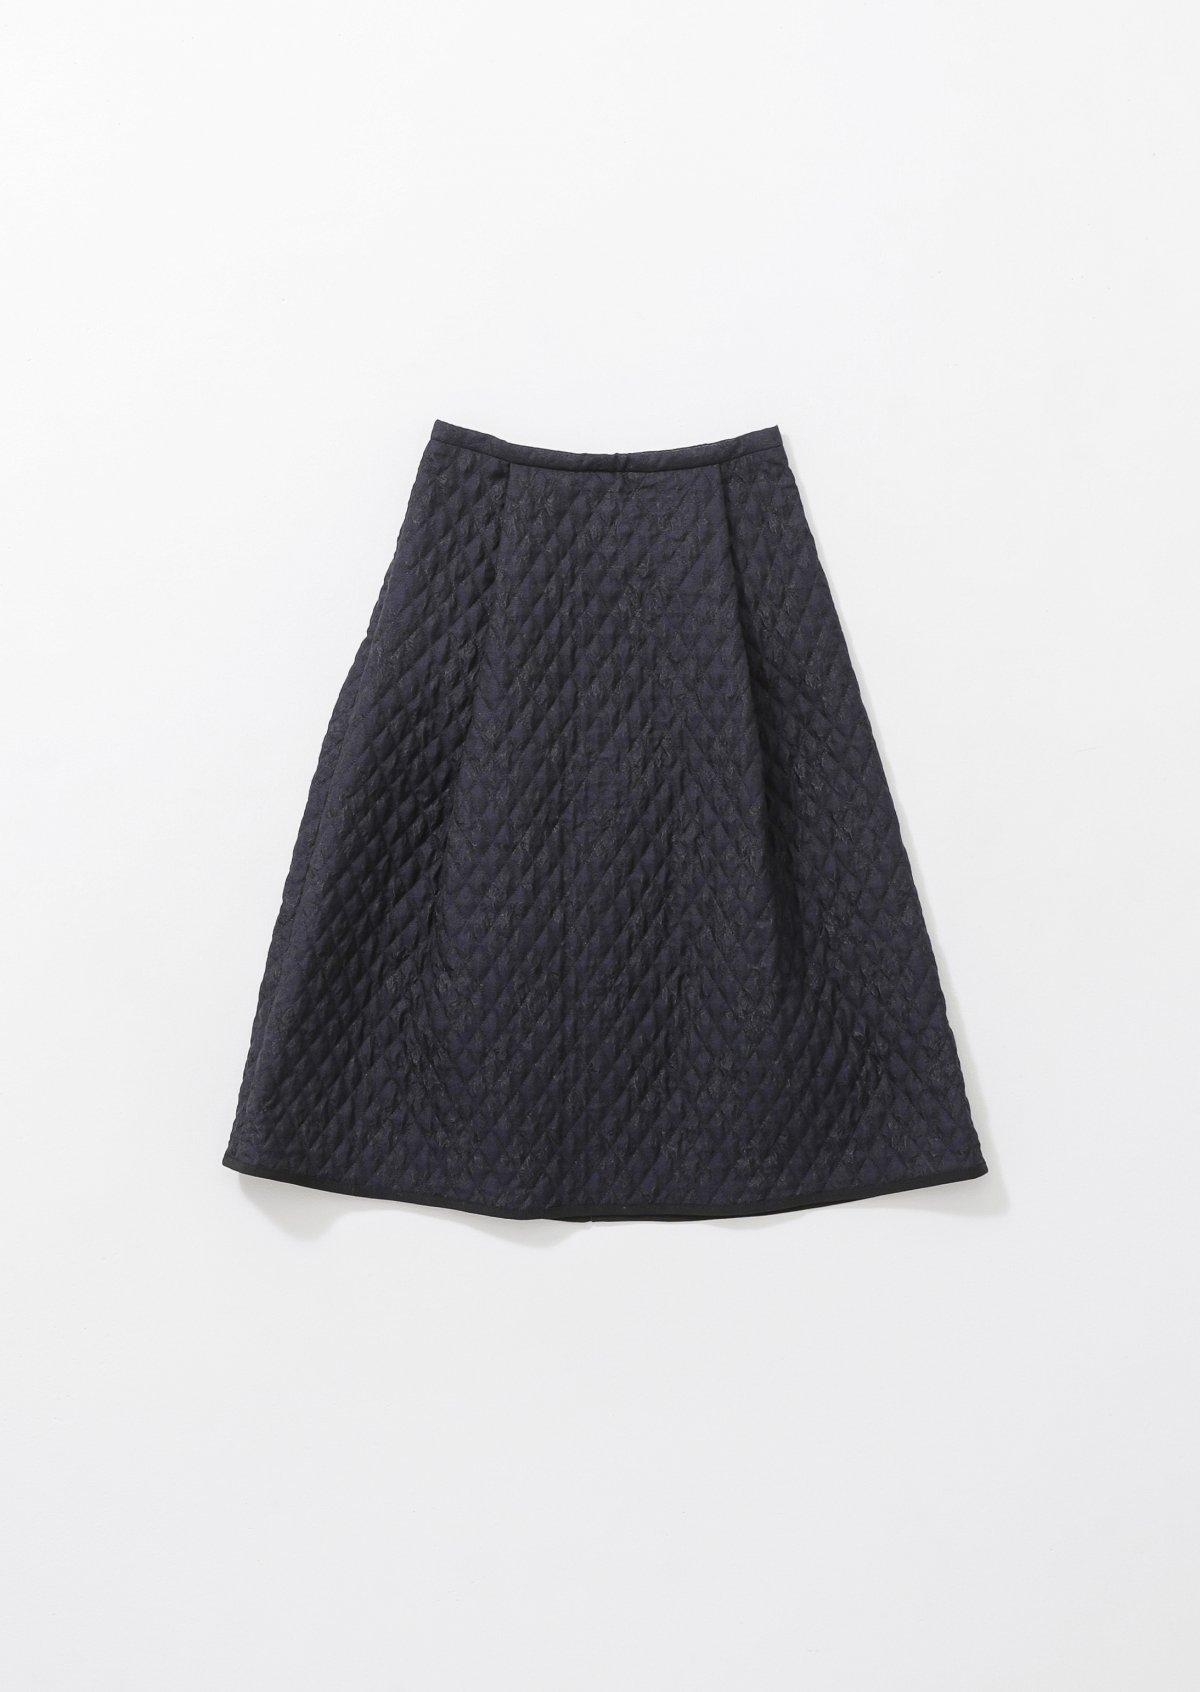 ブーケキルテッドスカート